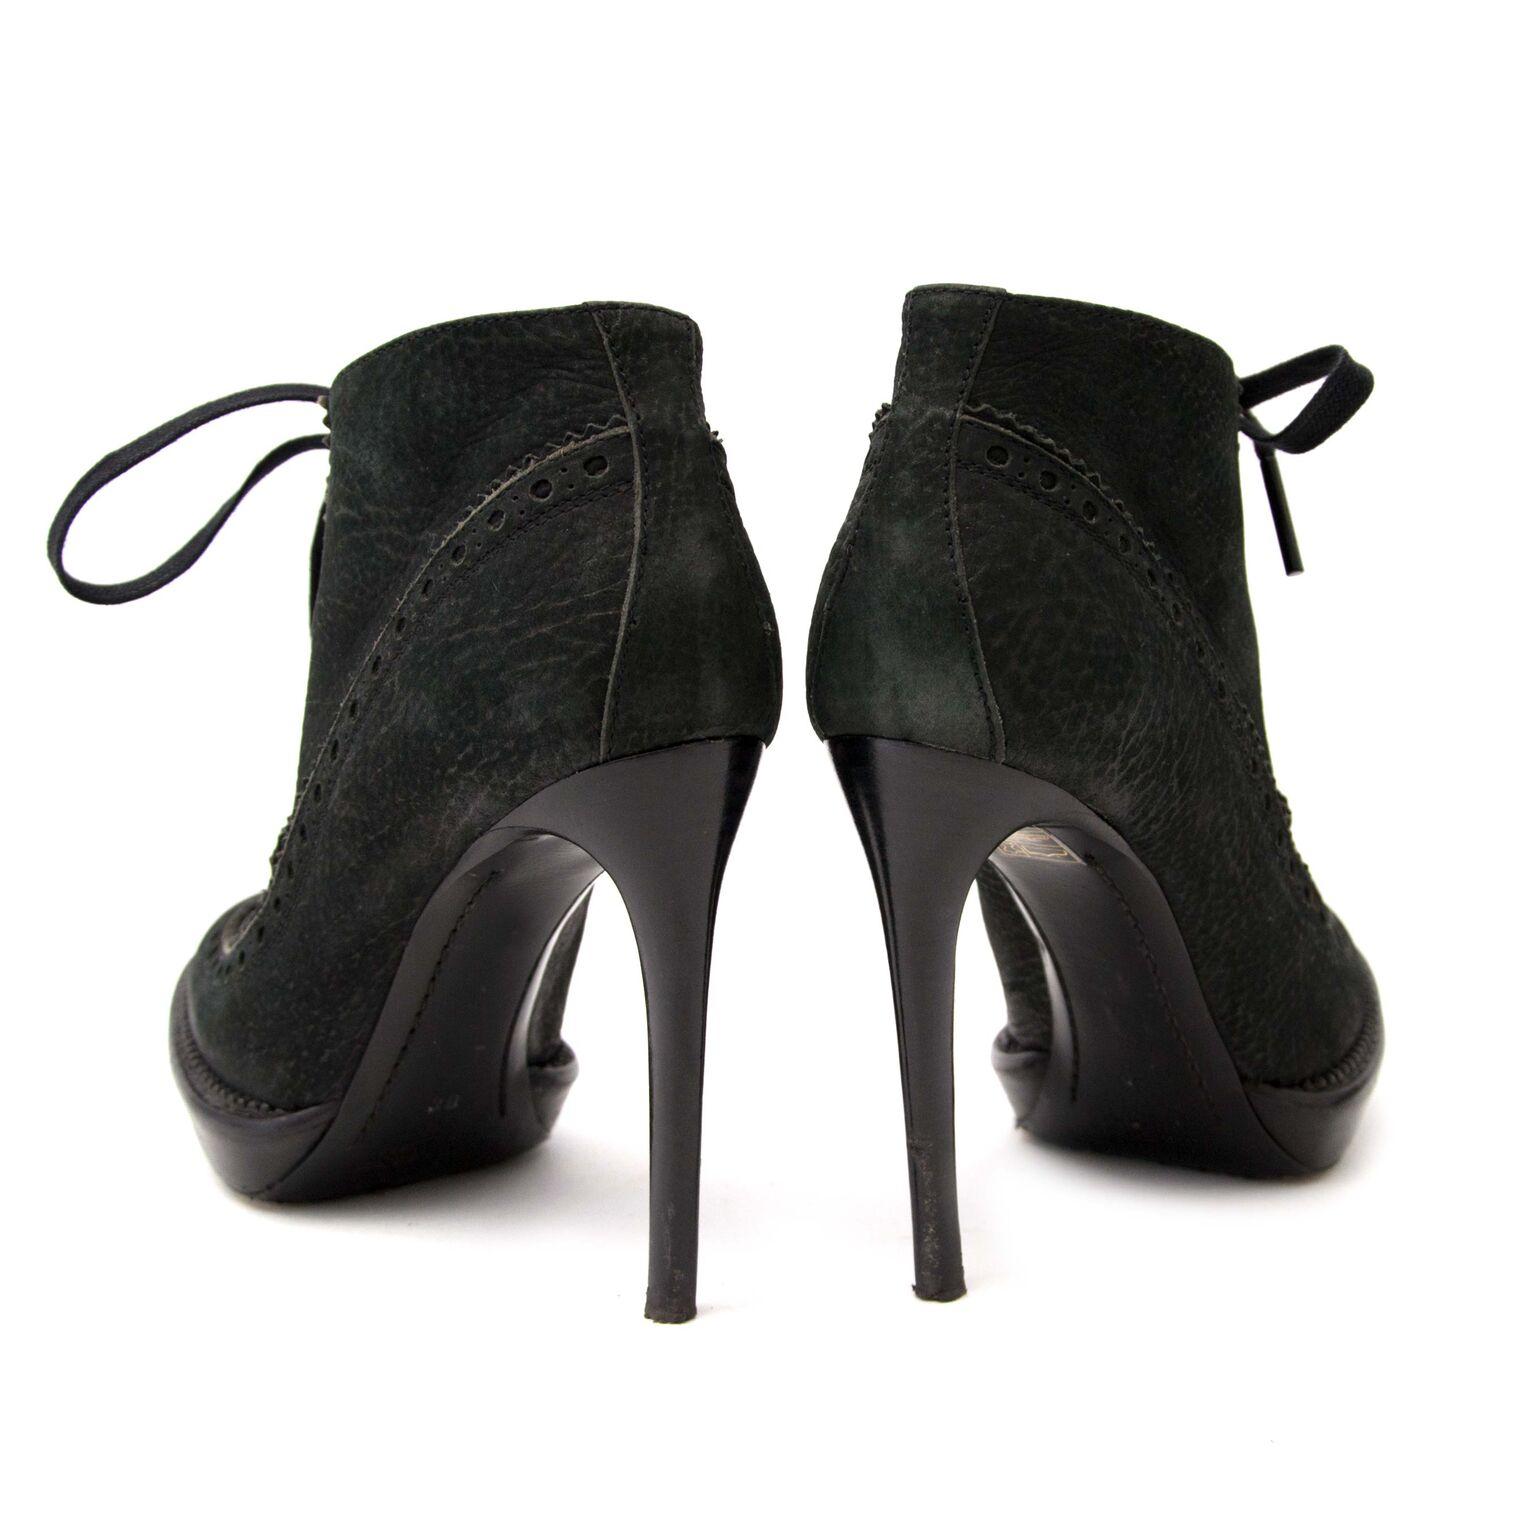 Achetez votre bottes de Burberry chez labellov.com